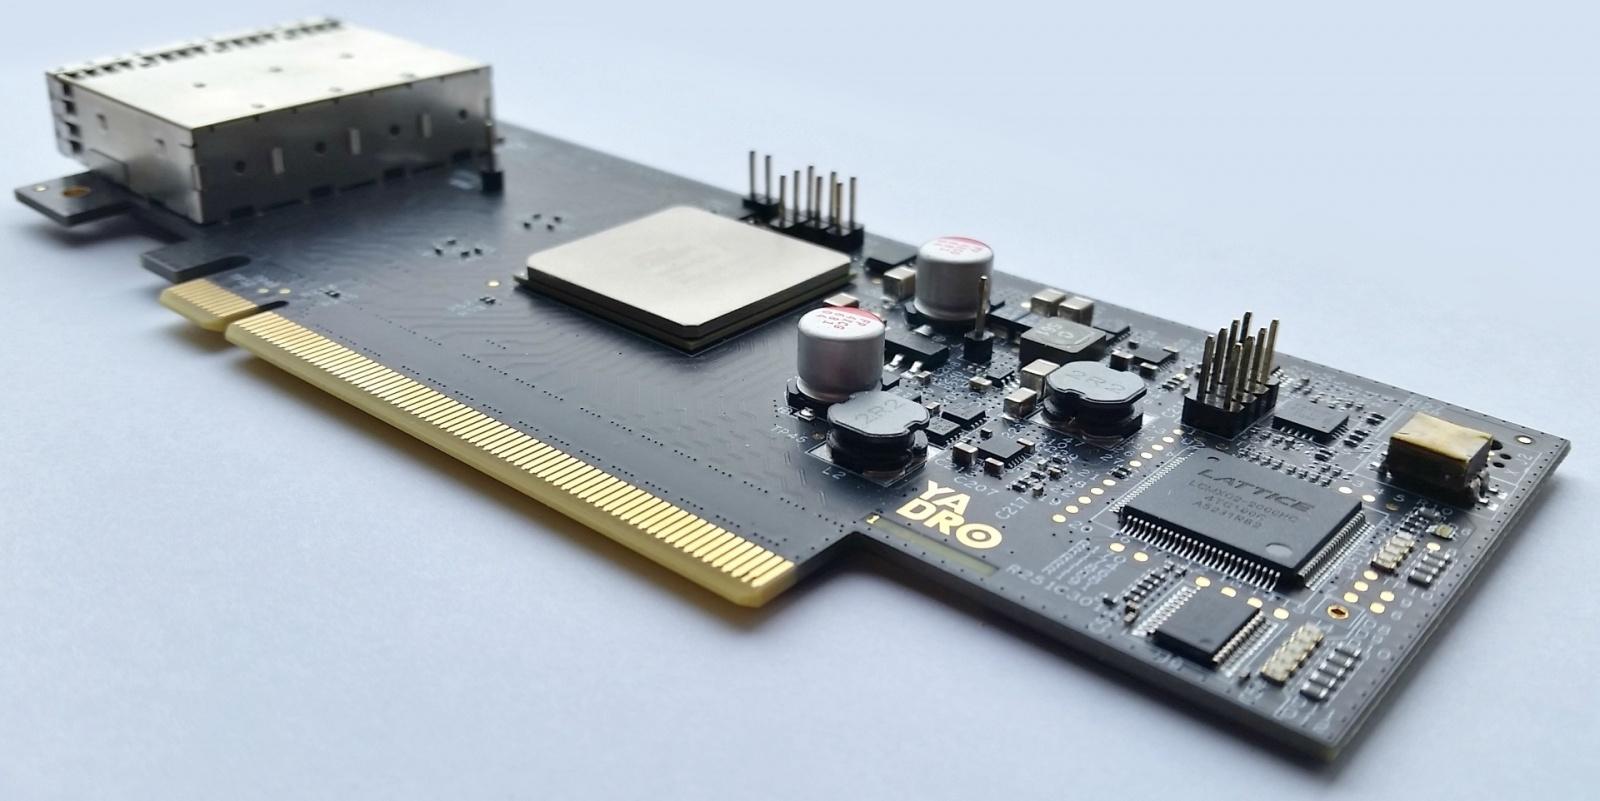 Как подружить PCIe с 10-метровыми медными кабелями и 100-метровой оптикой - 1